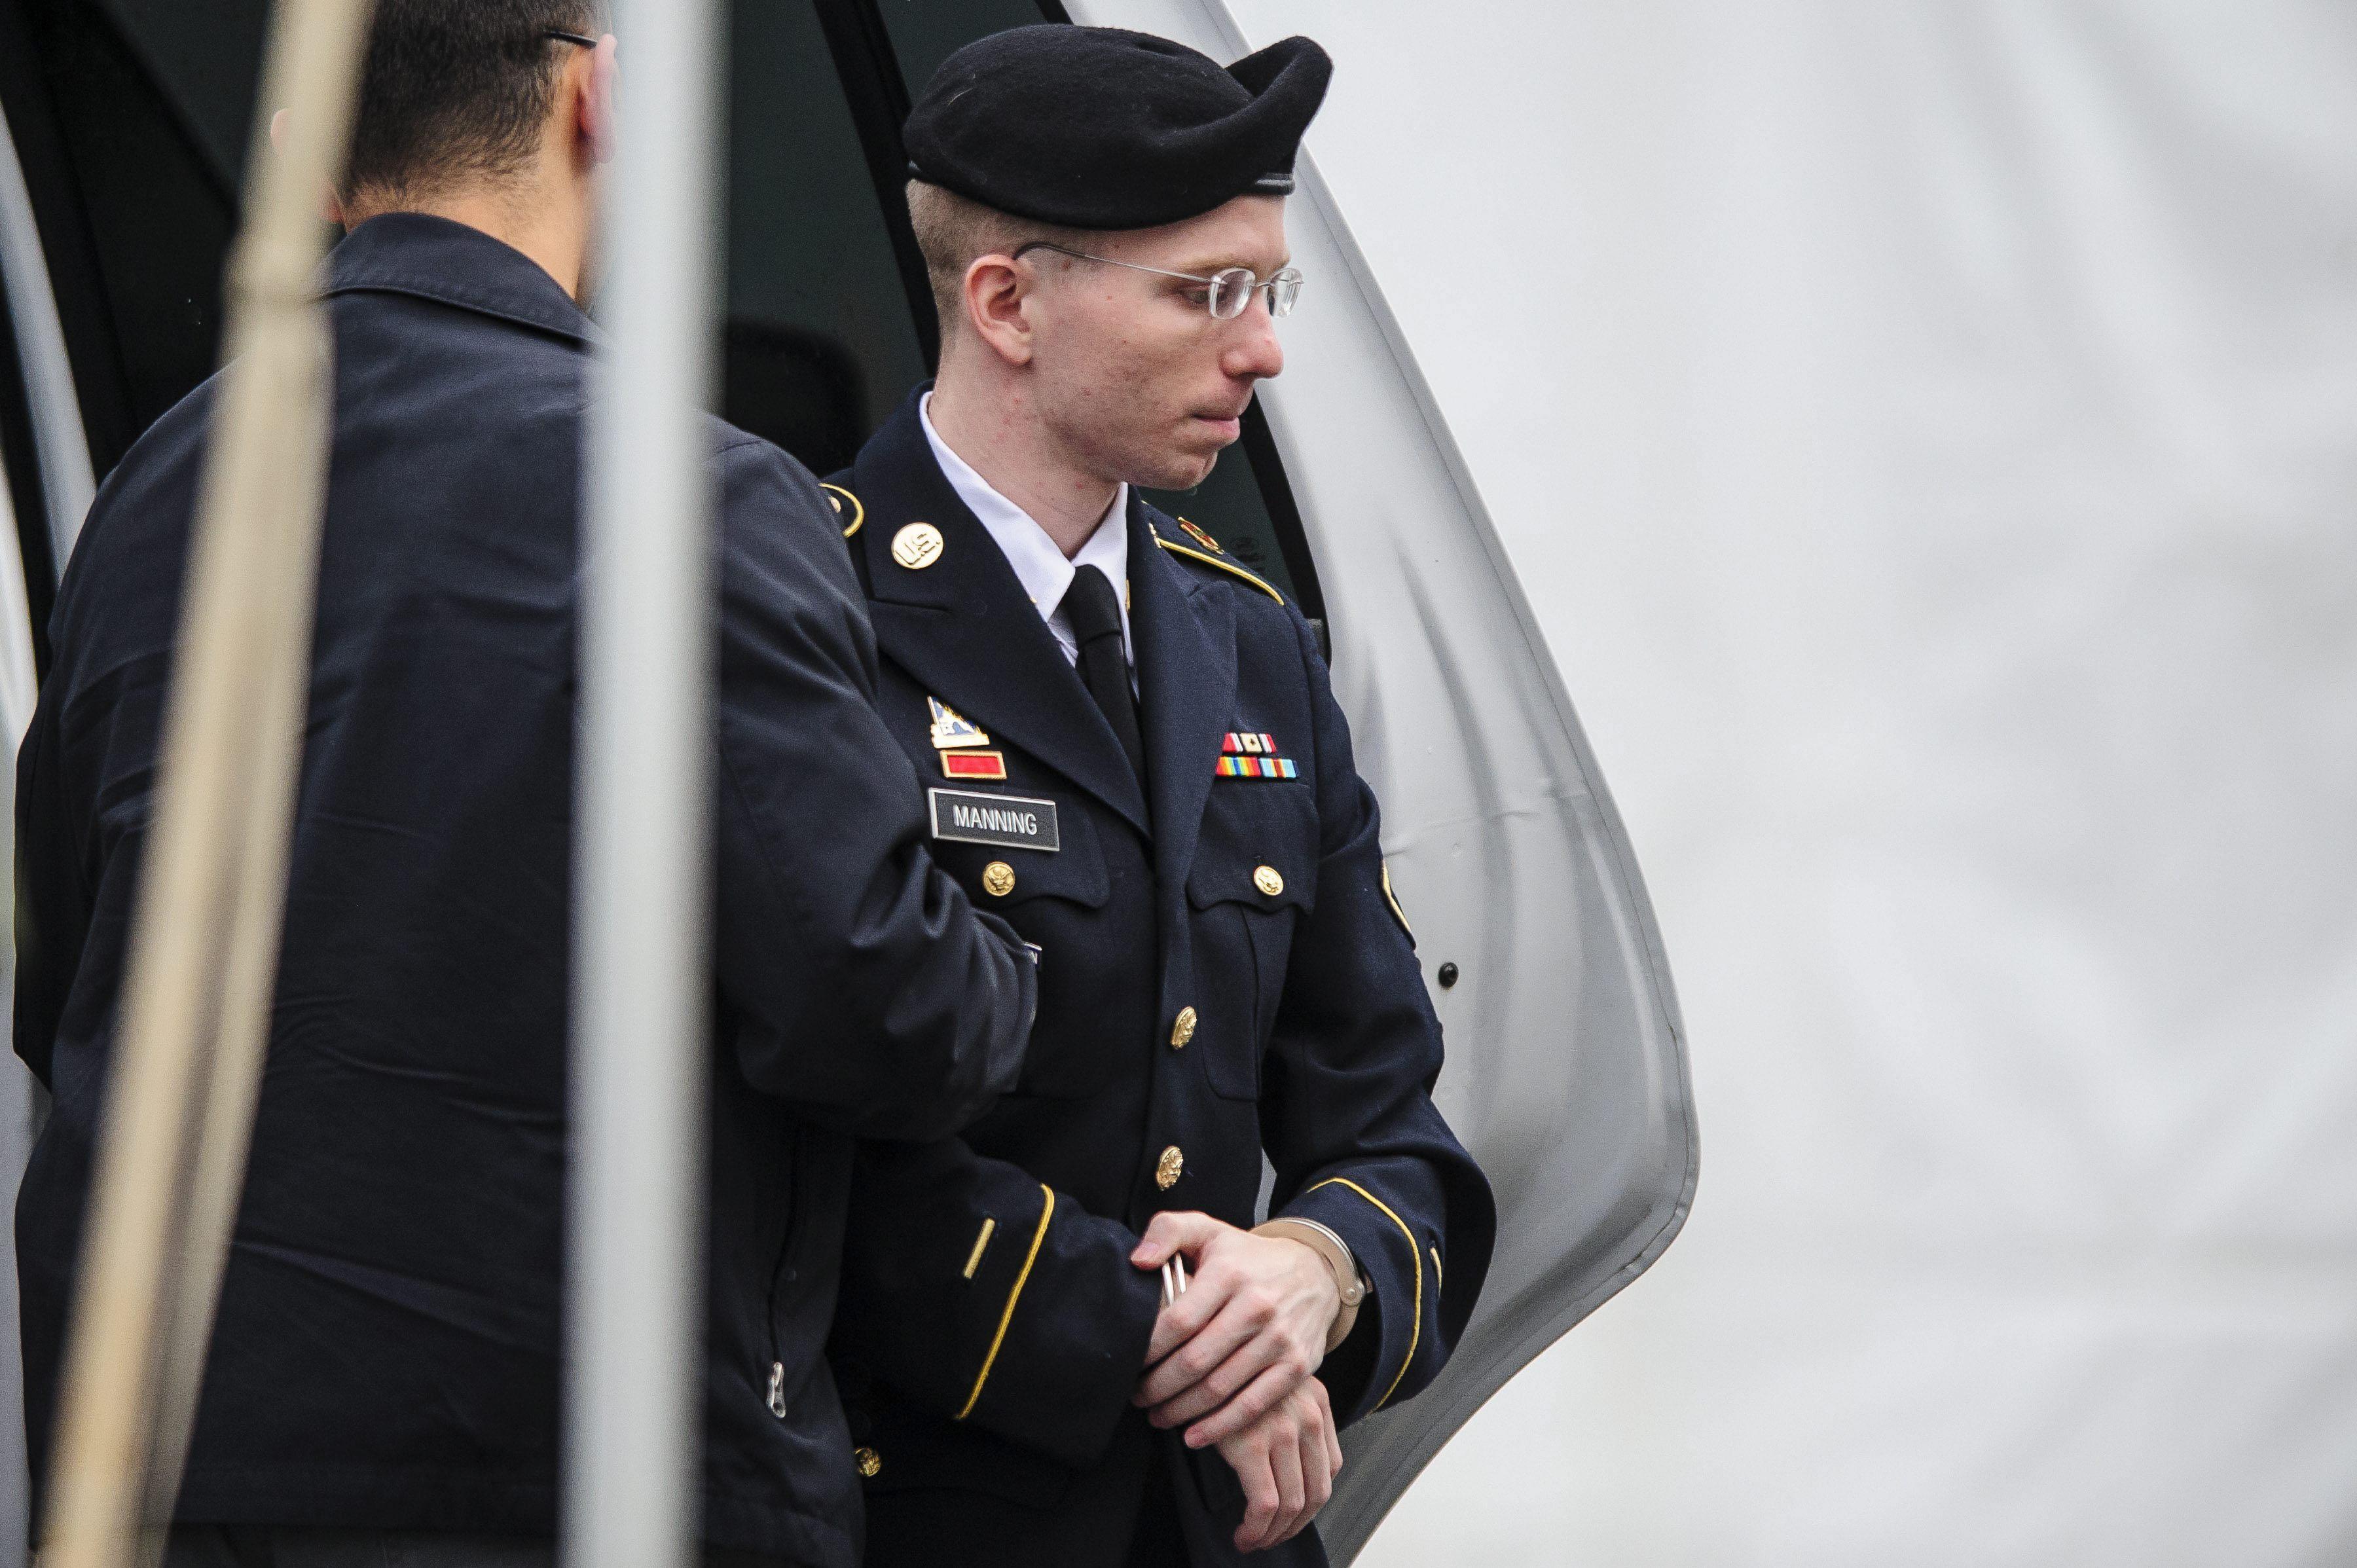 La defensa de Manning pide que se retiren los cargos de ayudar al enemigo